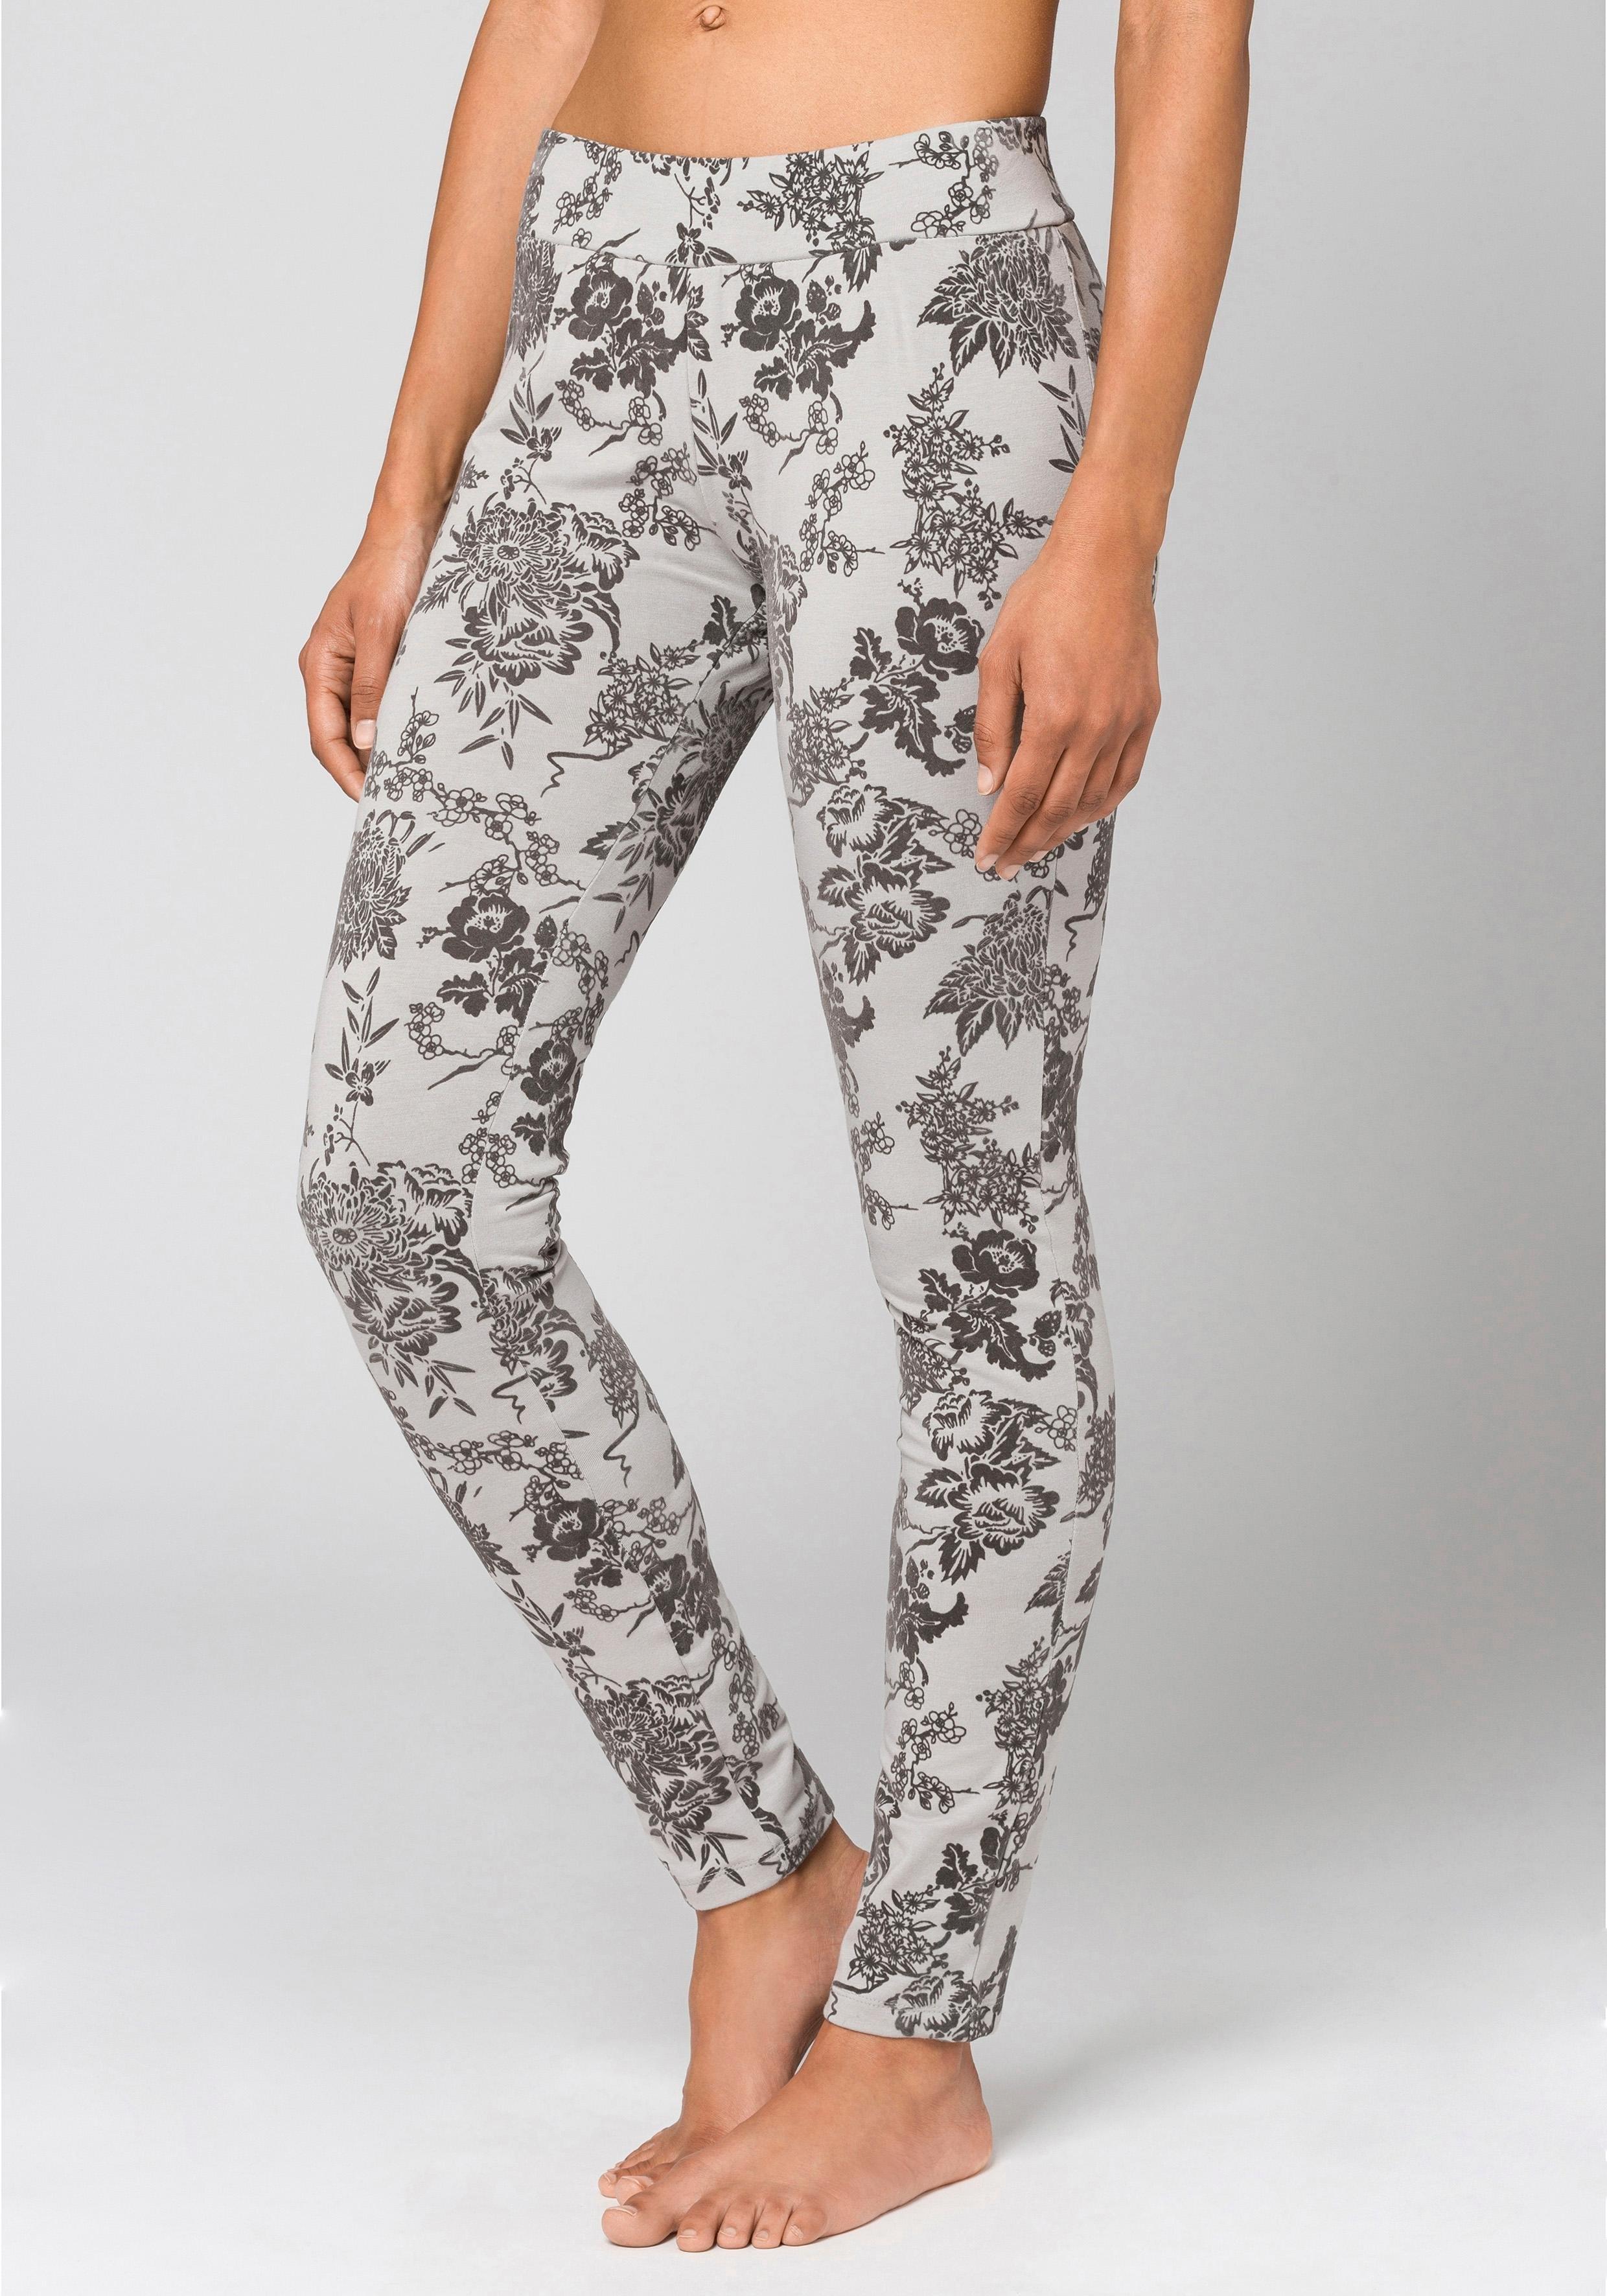 Op zoek naar een Bench. legging met fluwelige bloemenprint? Koop online bij Lascana